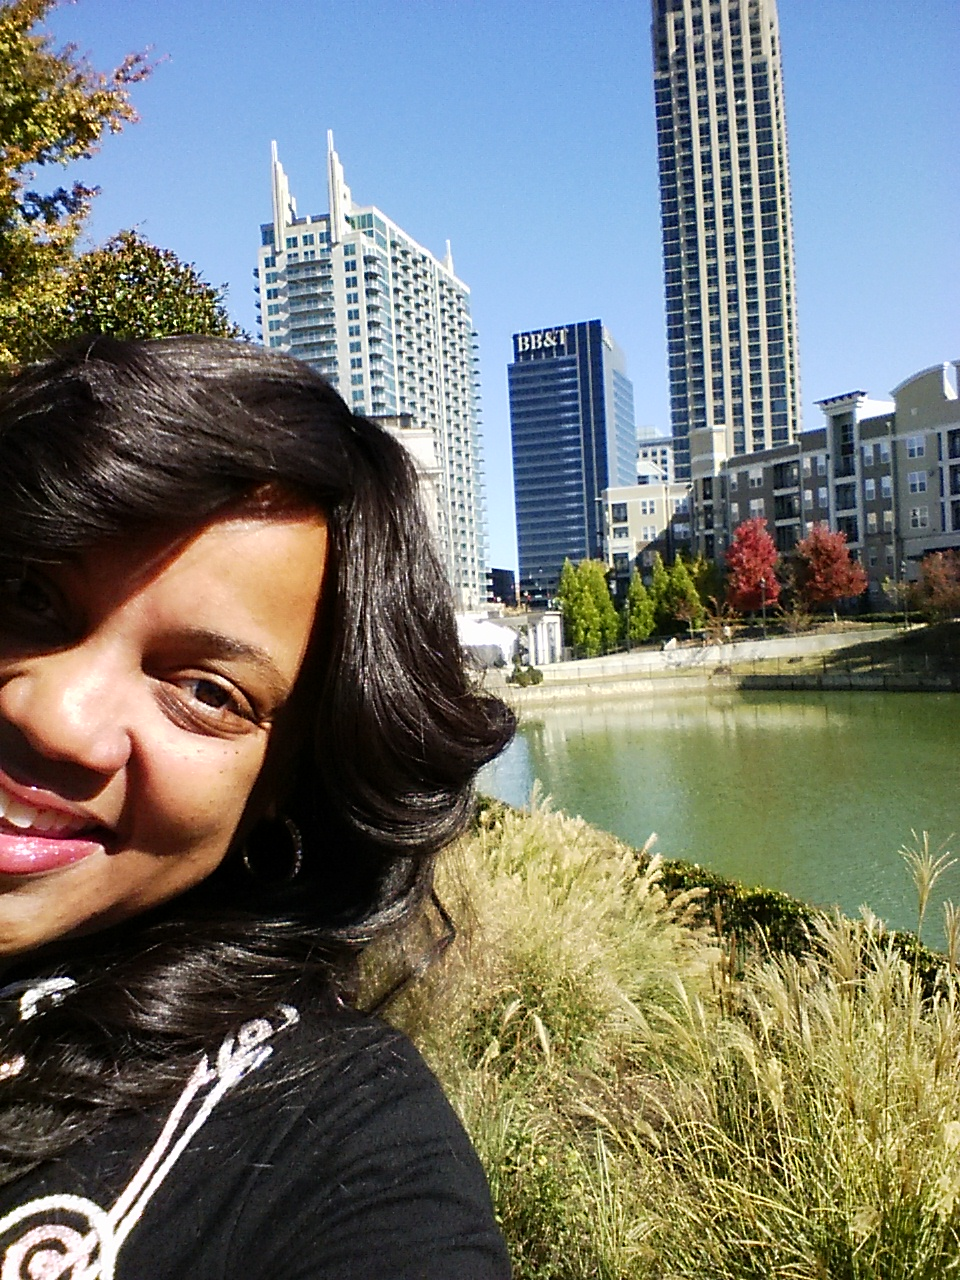 Keystrokes by Kimberly | Atlanta Events and lifestyle blog